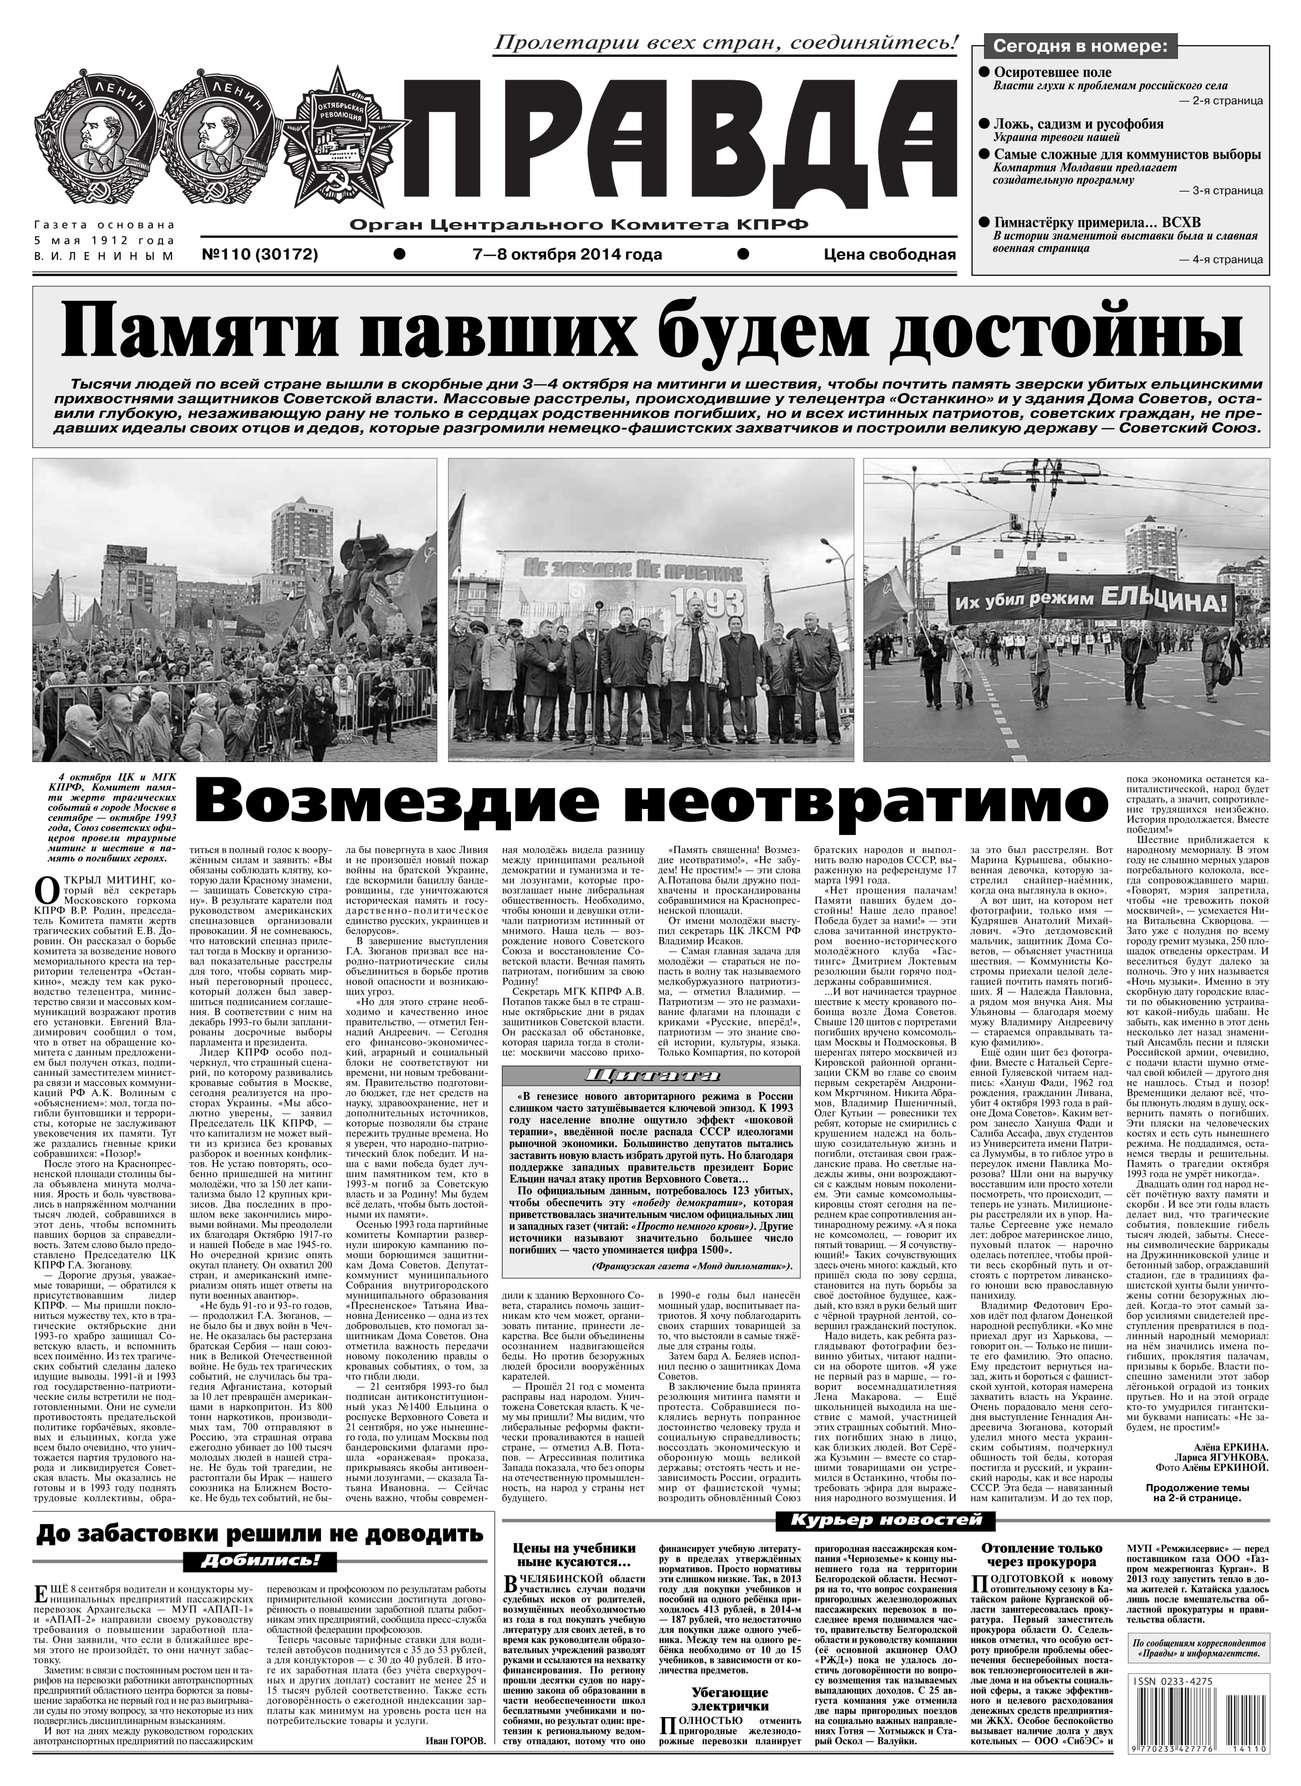 цена Редакция газеты Правда Правда 110